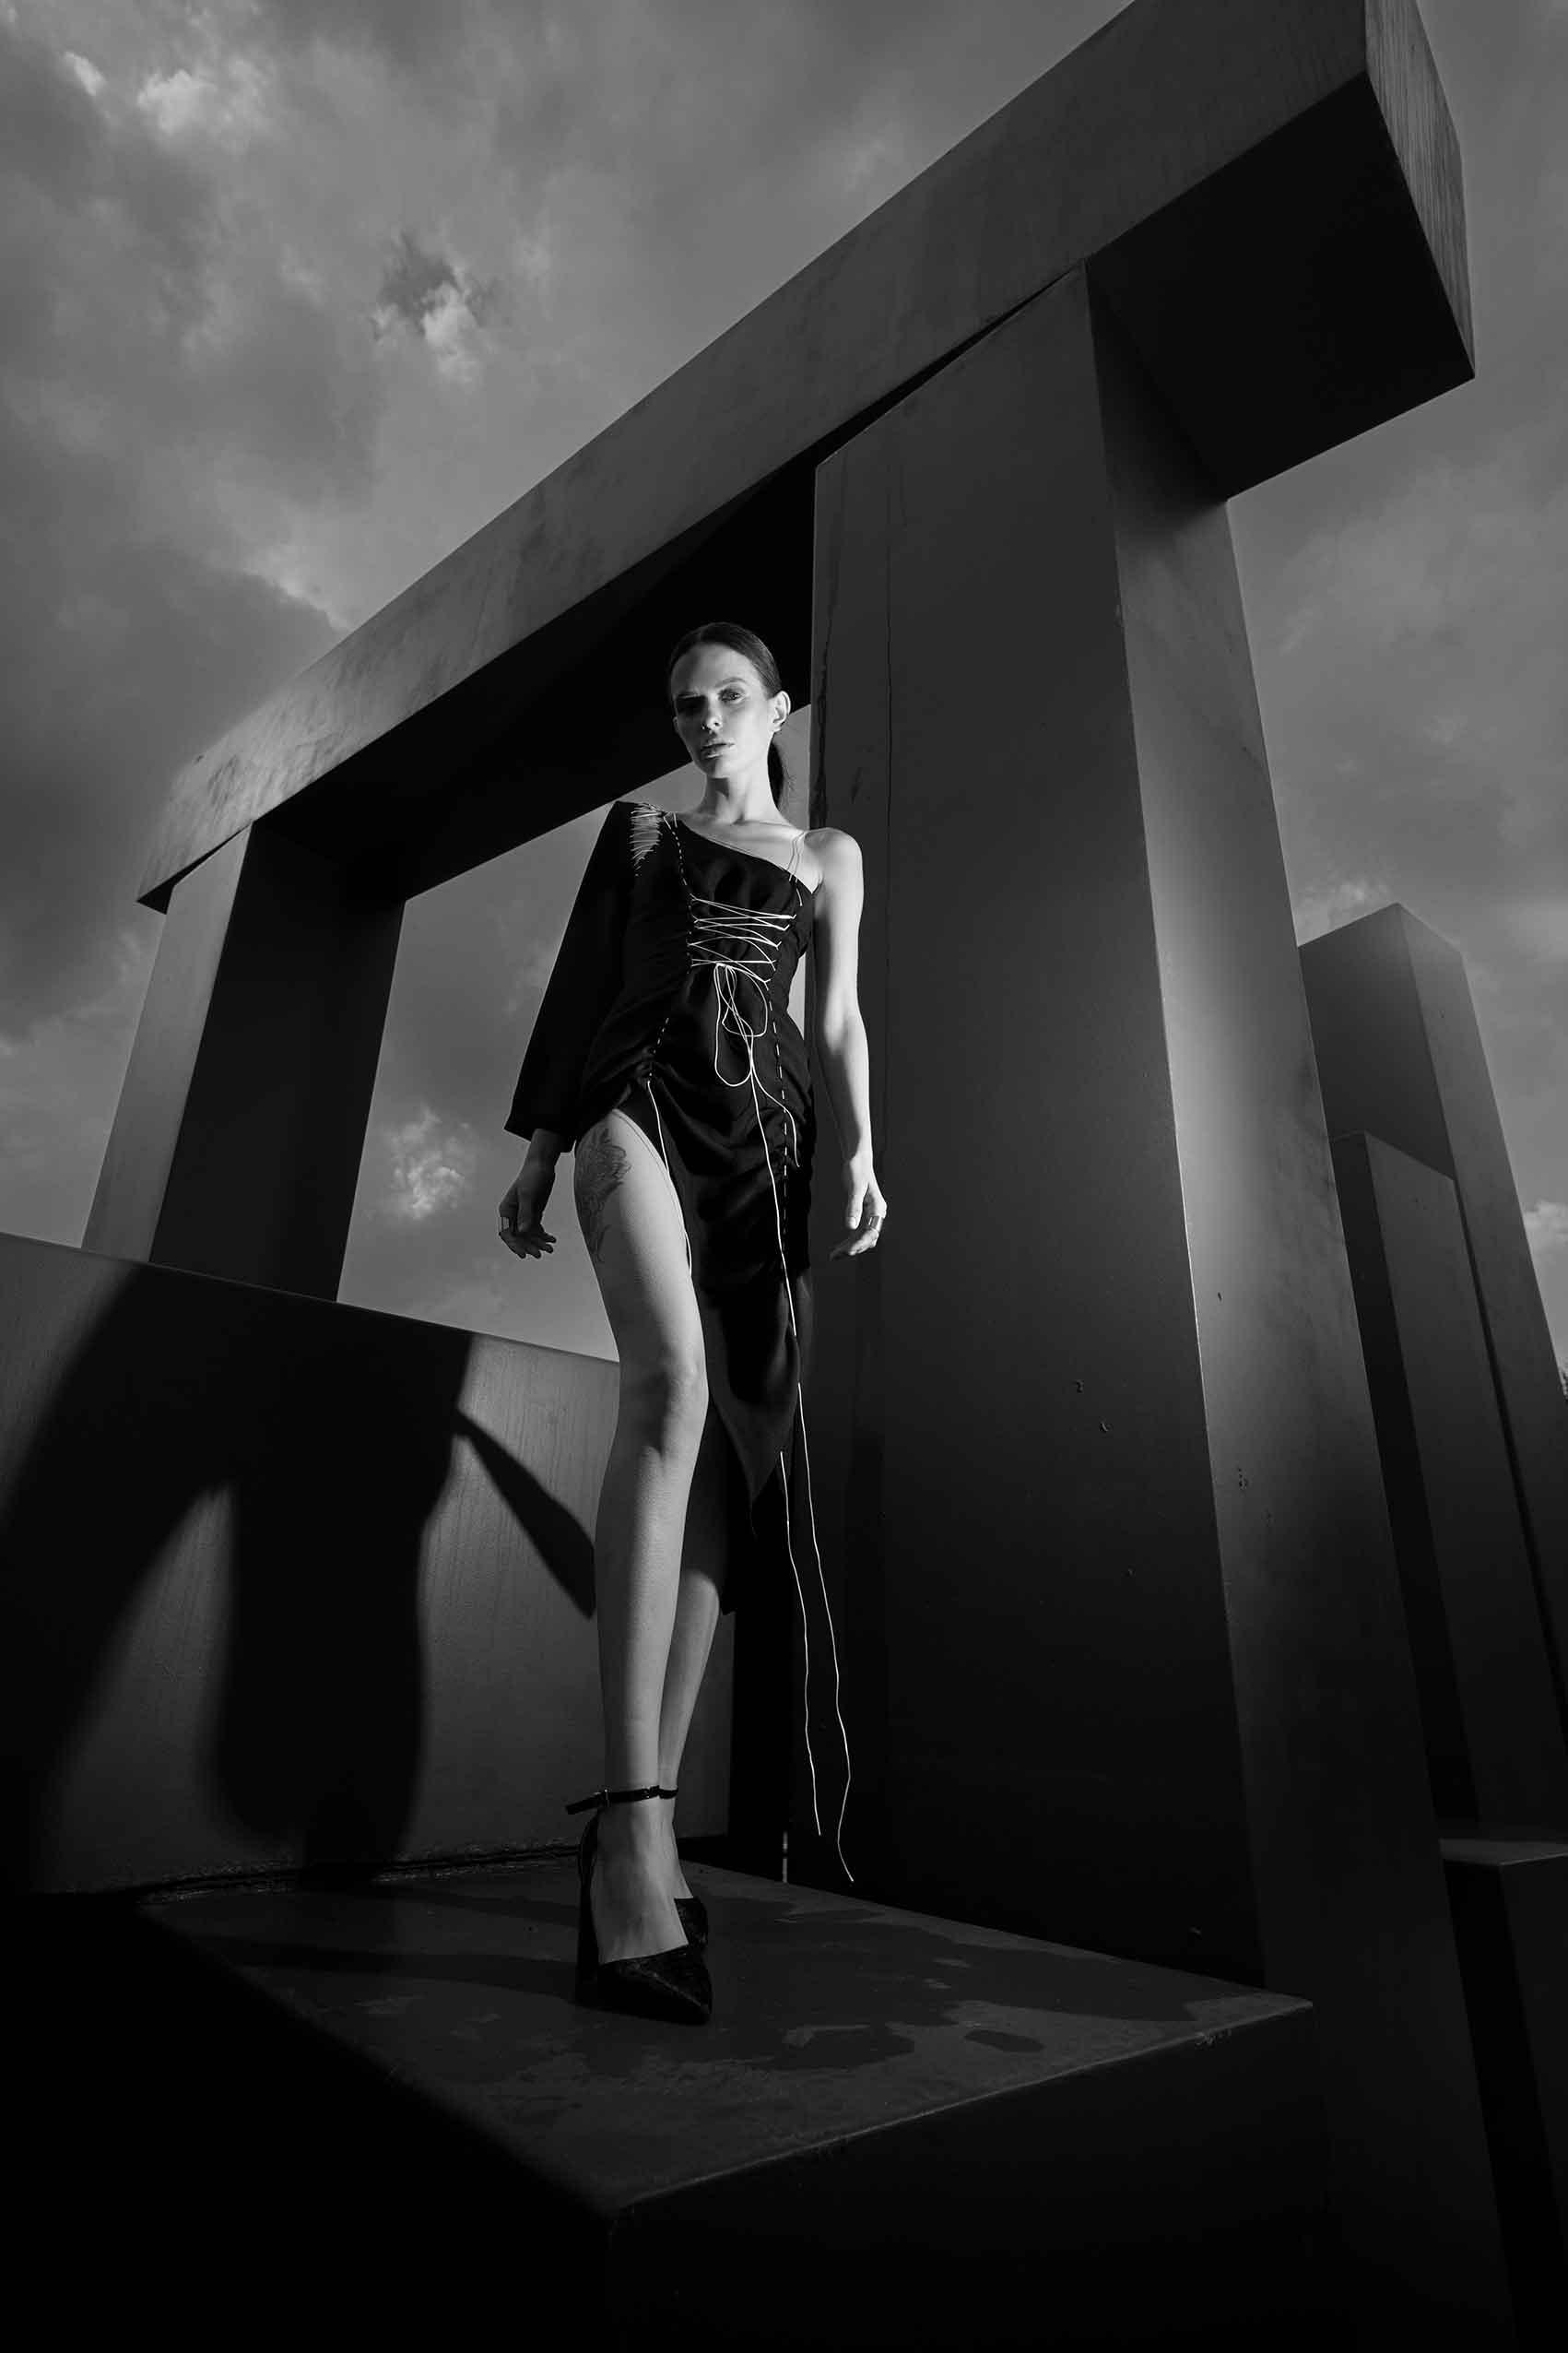 מאשה-גילדר-מגזין-אופנה-מגזין-אופנה-דיגיטל